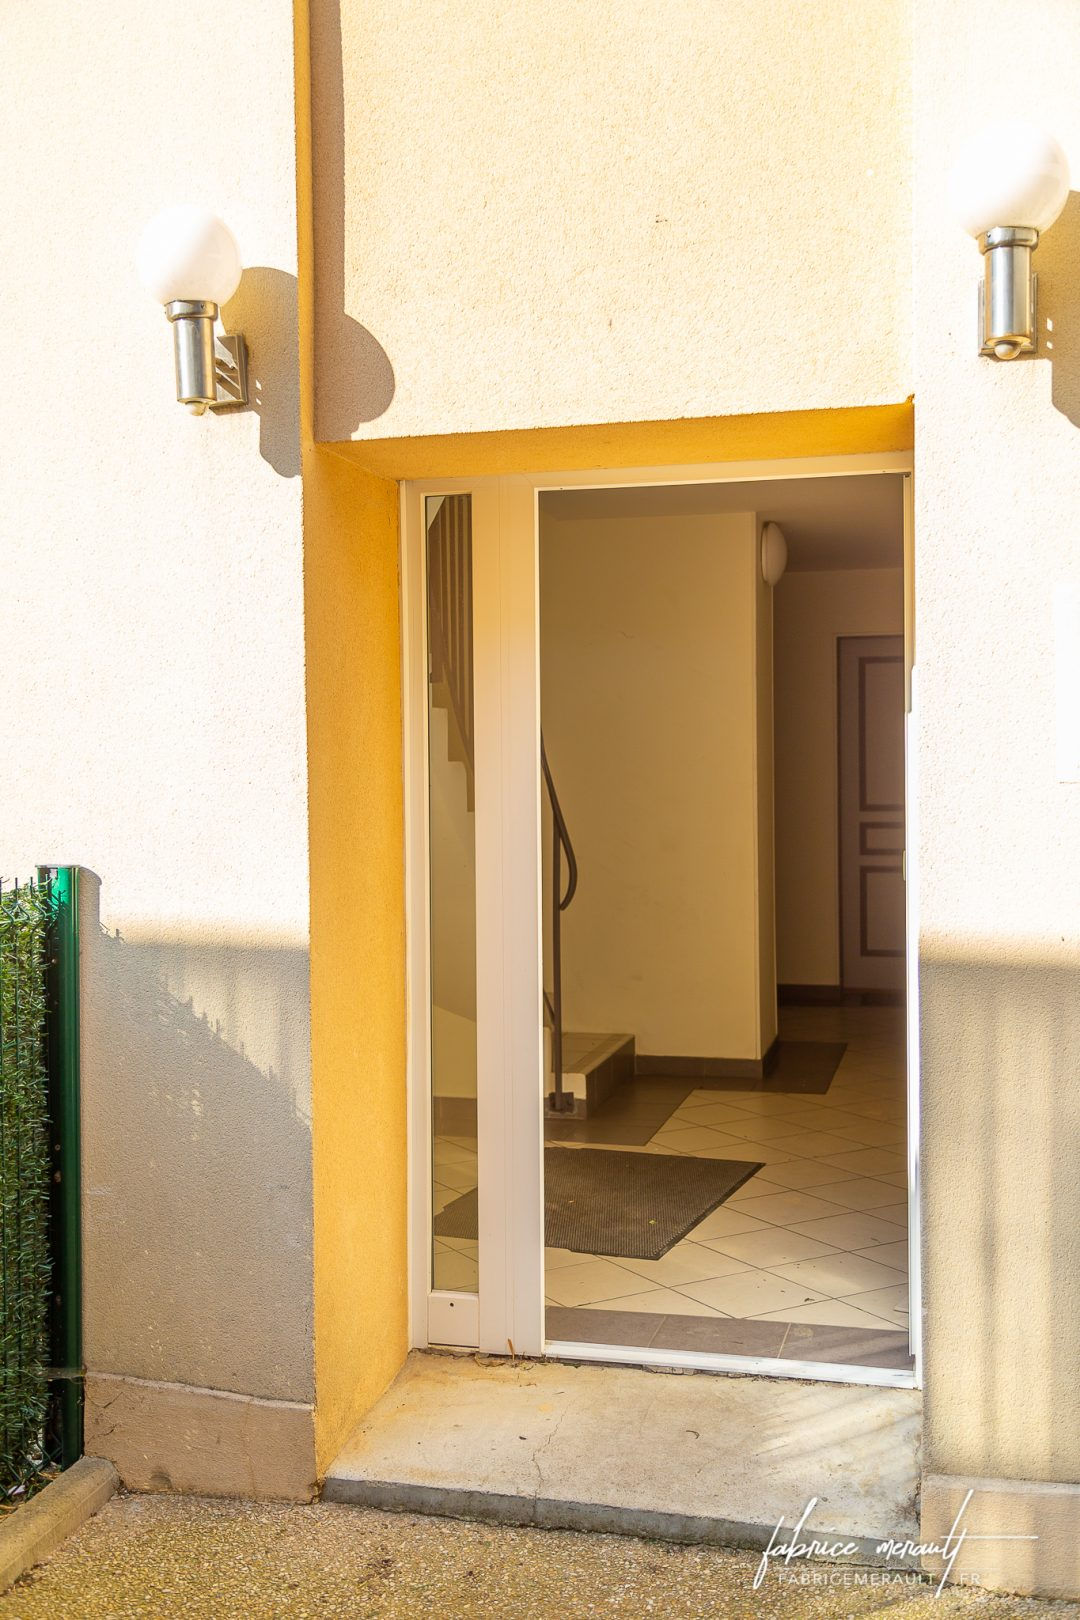 Photographie immobilière - Entrée de l'immeuble